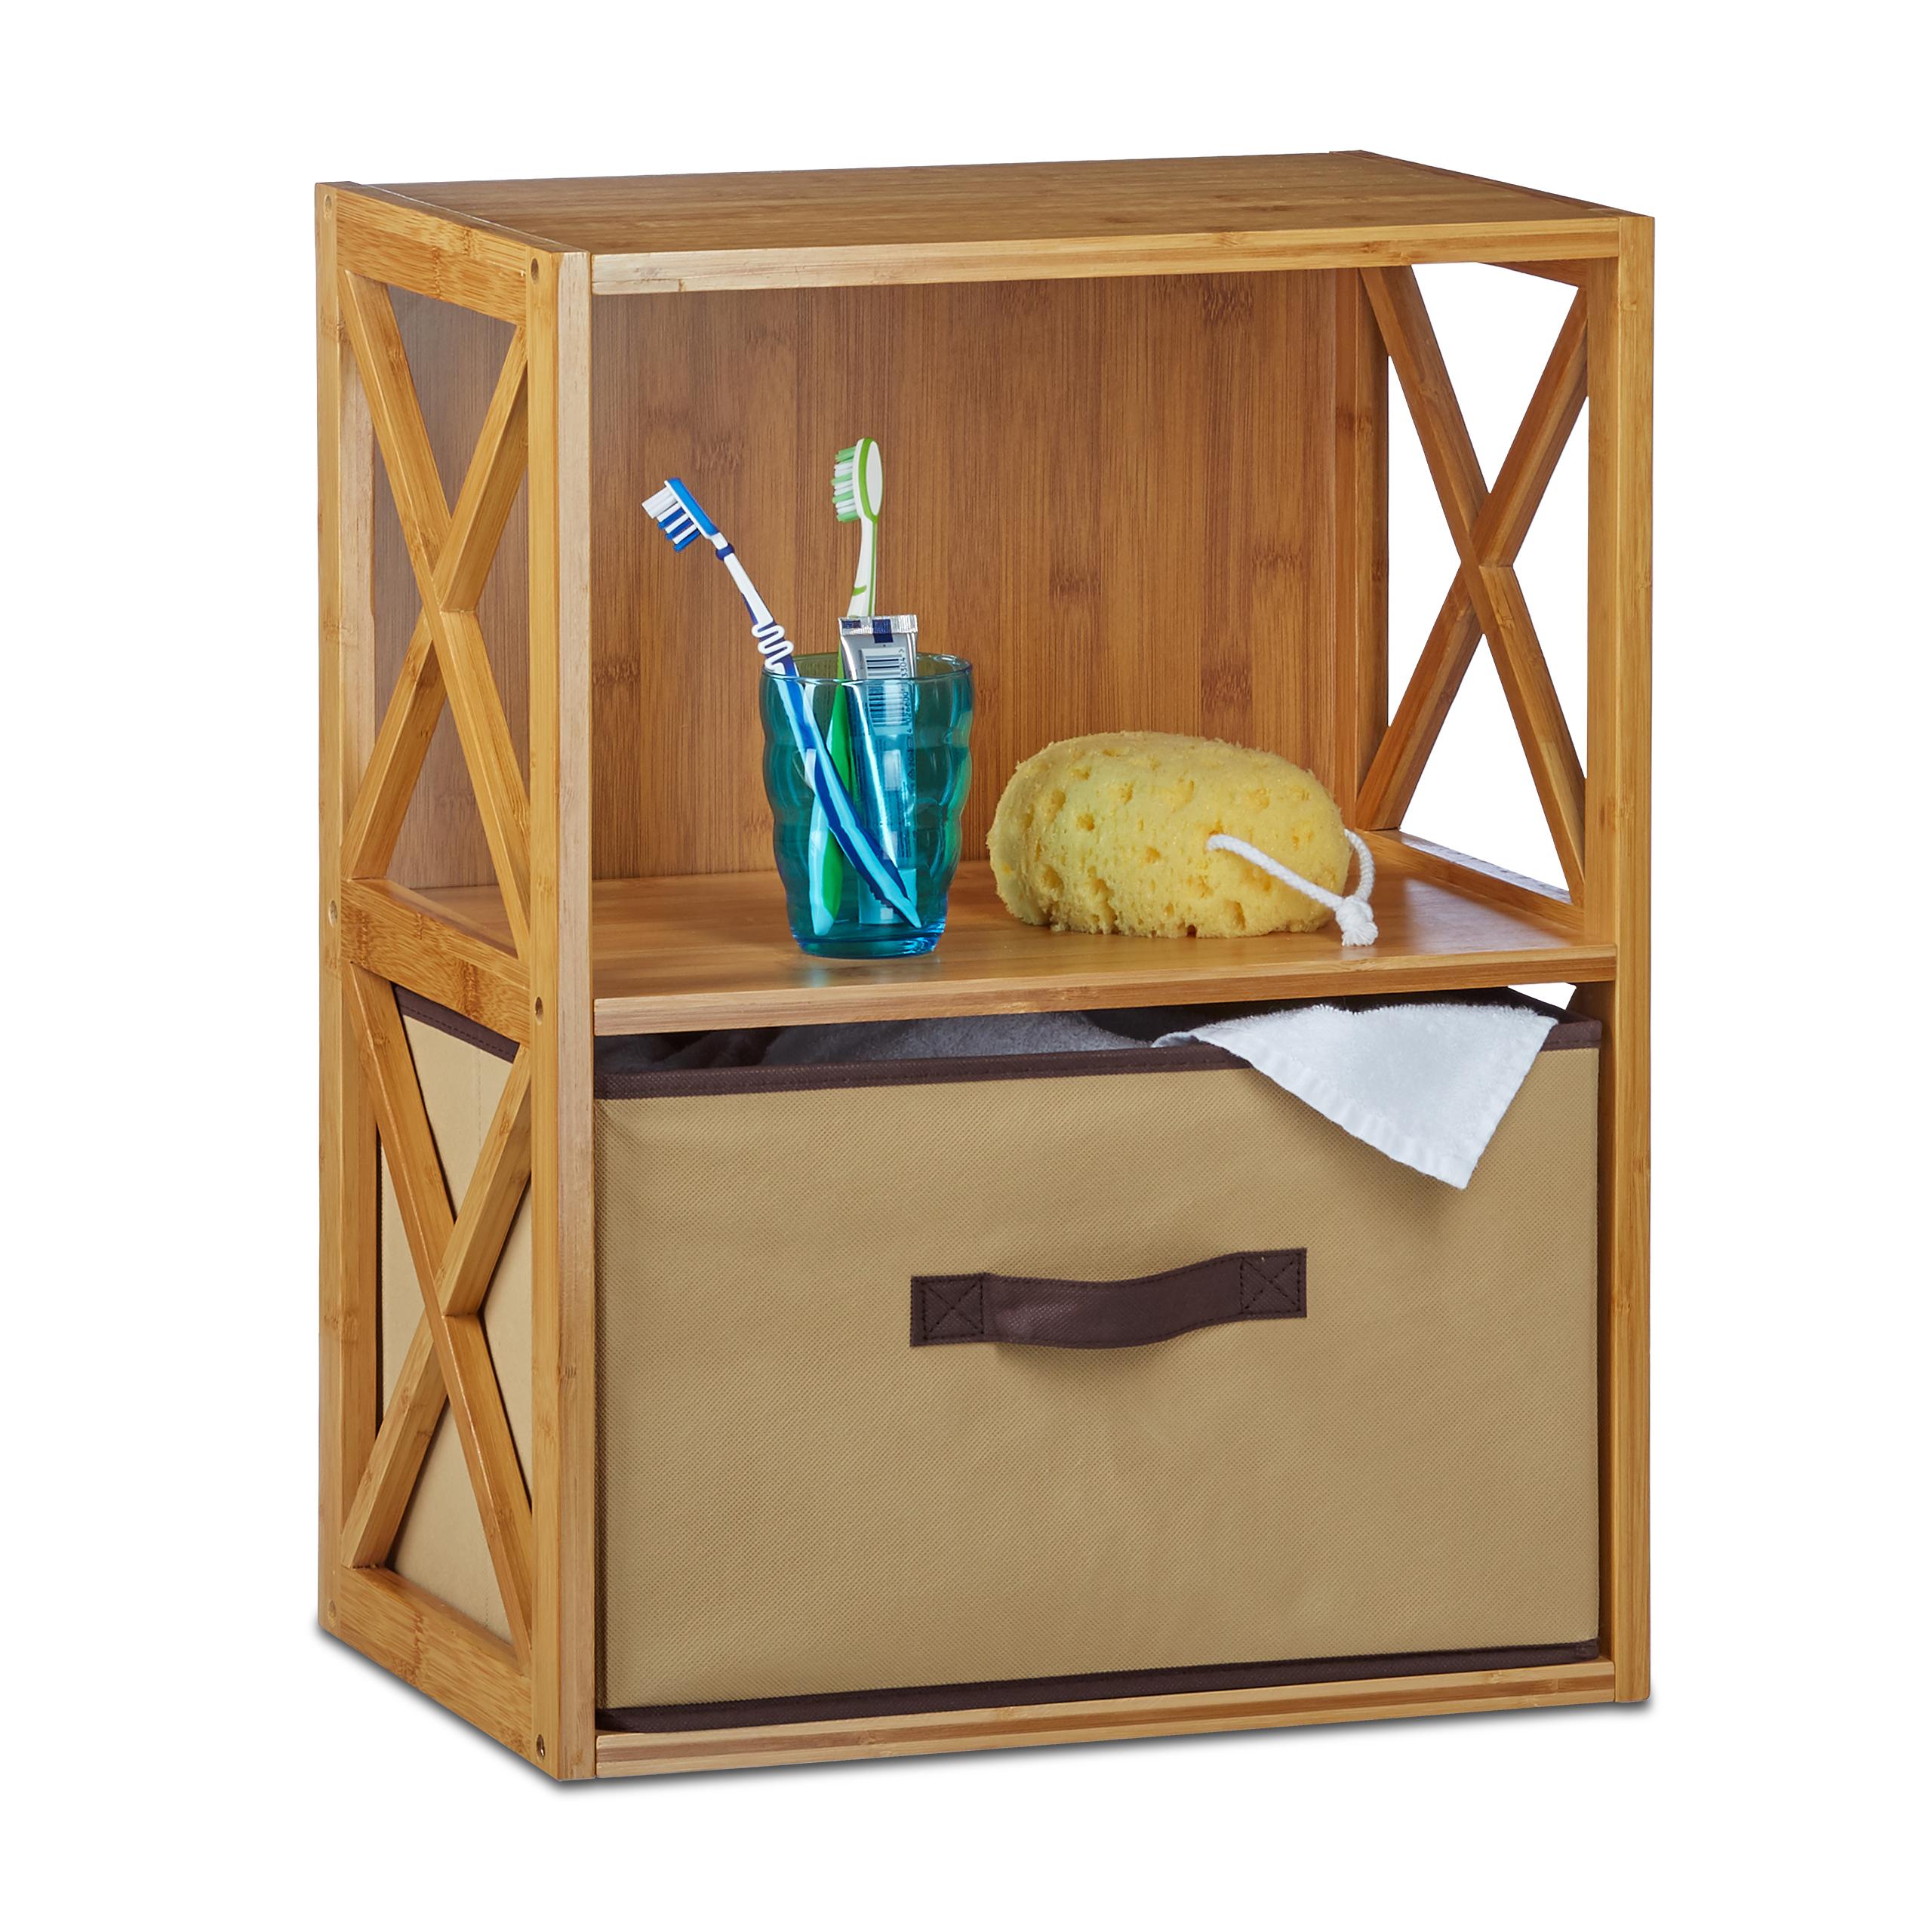 regal bambus mit korb faltbox 2 4 ablagen holzregal natur standregal klein ebay